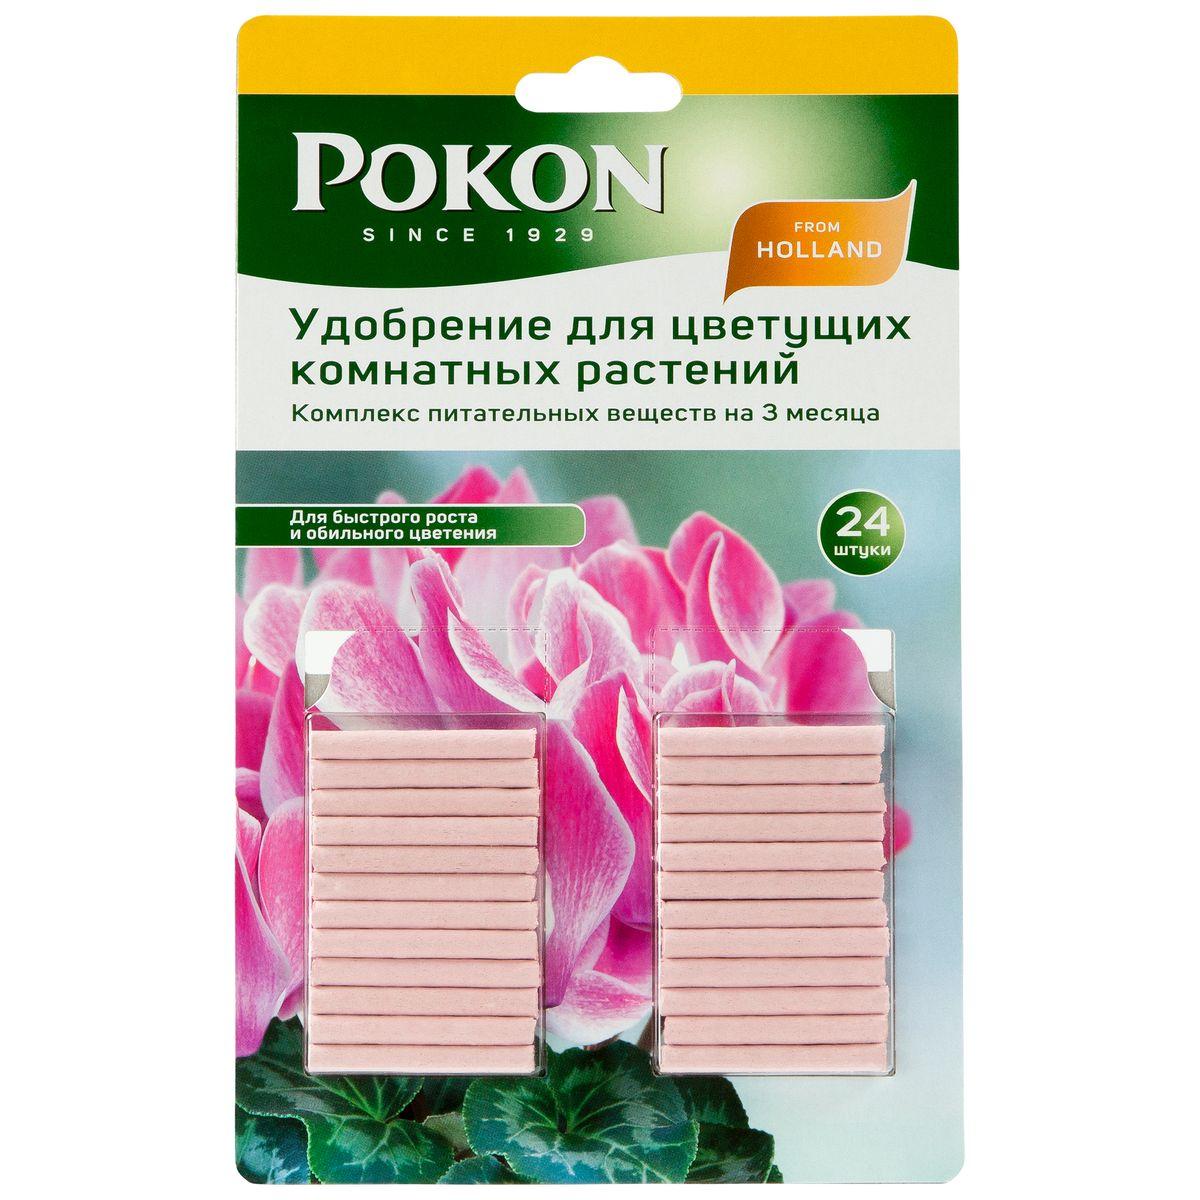 Удобрение Pokon для цветущих растений, в палочках, 24 шт8711969016033Удобрение Pokon для цветущих растений в палочках: NPK 8 + 10 + 14. Удобрение в палочках Pokon содержит тщательно подобранные питательные вещества, сбалансированные для подкормки всех видов цветущих растений. Эта высококачественная смесь исключает риск корневых ожогов. Инструкция по применению: - Измерьте диаметр горшка с растением и определите нужное количество палочек по прилагаемой таблице. - Полностью воткните палочки в грунт, равномерно распределив их вокруг растения. - Полейте грунт, и удобрение немедленно начнет действовать. - Добавляйте новые палочки каждые три месяца. Состав: 8% — общее содержание азота (N); 1% — нитратный азот; 0,5% — аммонийный азот; 6,5% — мочевинный формальдегид; 10% — безводная фосфорная кислота (P2O5), растворимая в нейтральном цитрате аммония и воде; 14% — водорастворимый оксид калия (K2O). Удобрение соответствует нормам ЕС.